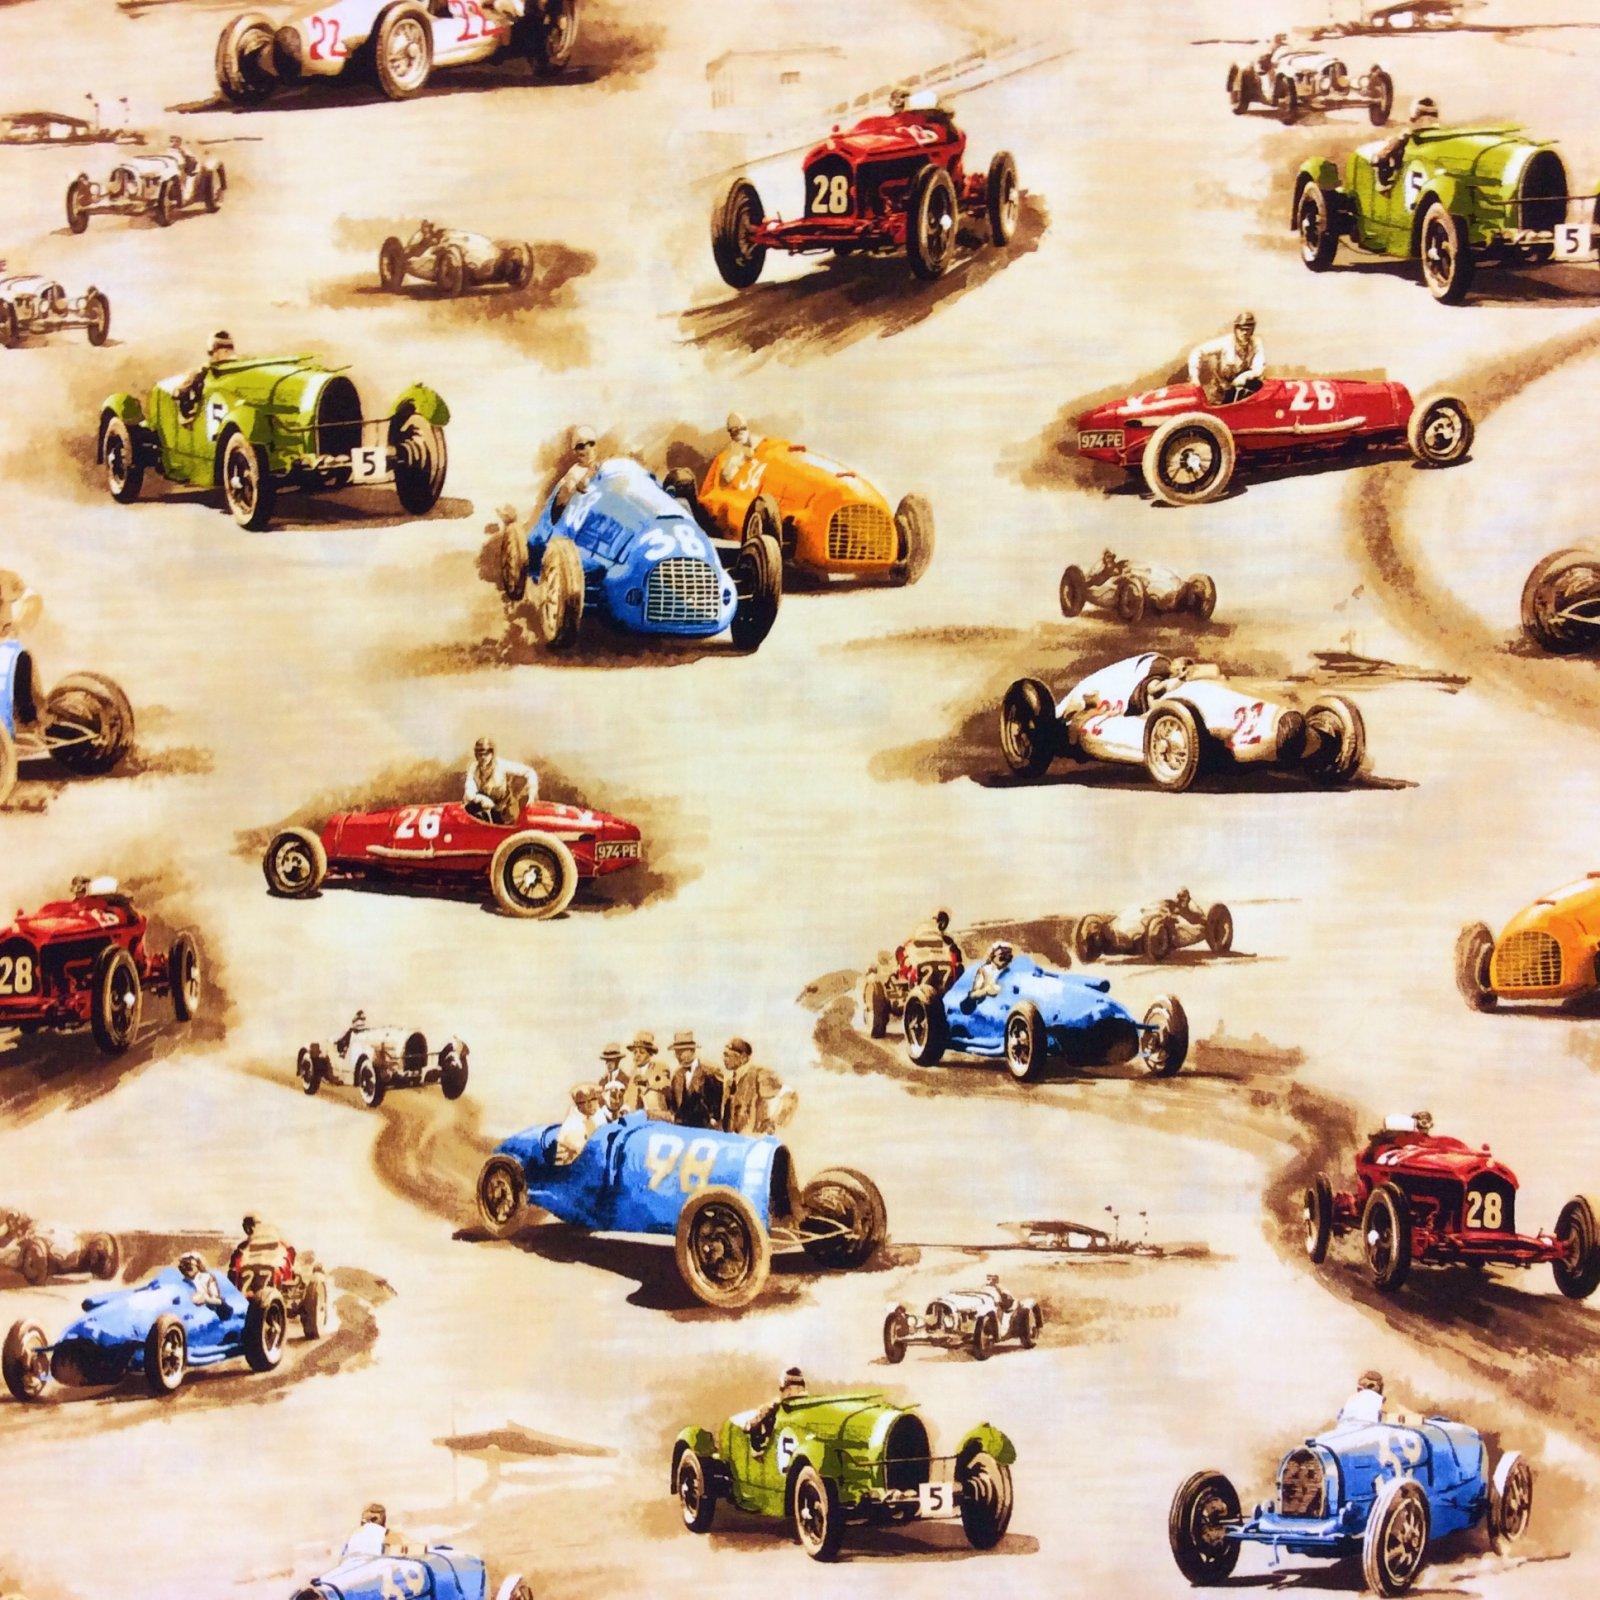 Cars Antique Race Stock Cars Classic Derby Racetrack Cotton Quilt